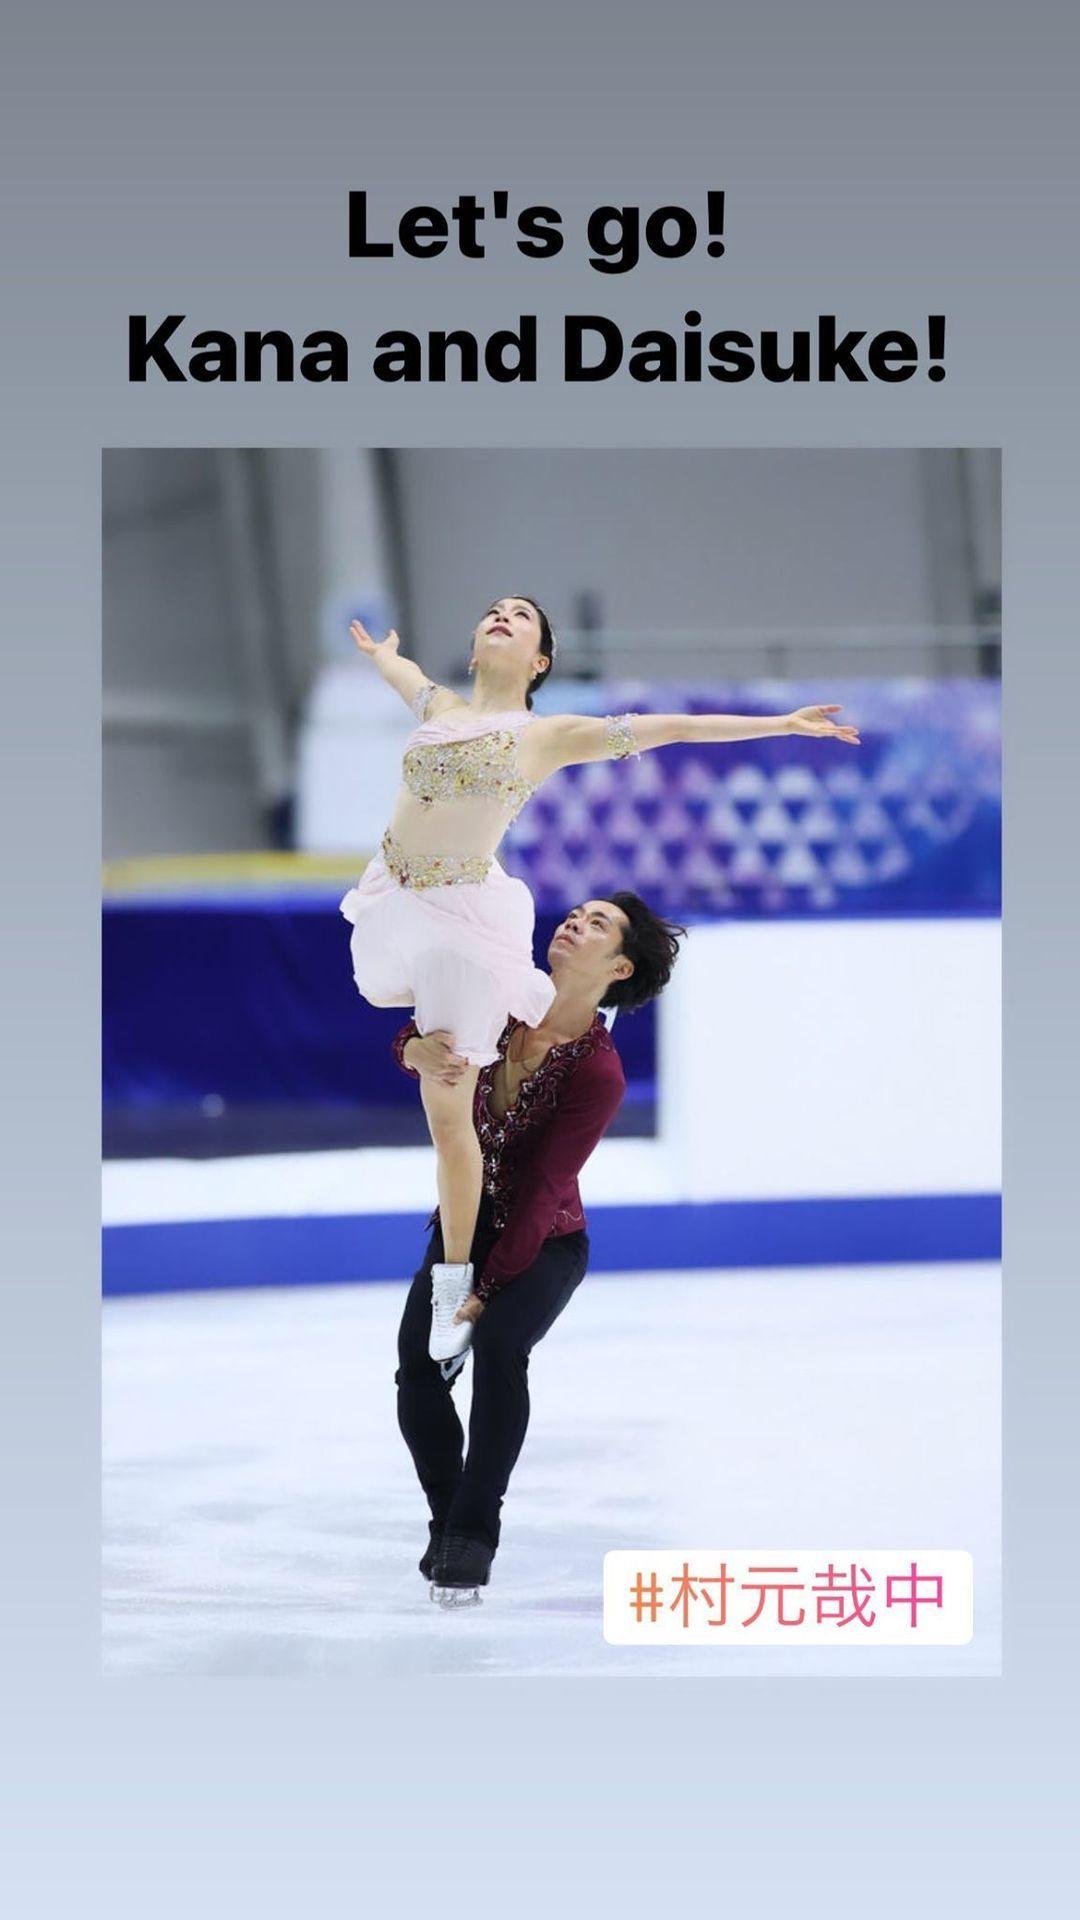 高橋大輔のアイスダンス_b0117564_00120803.jpg